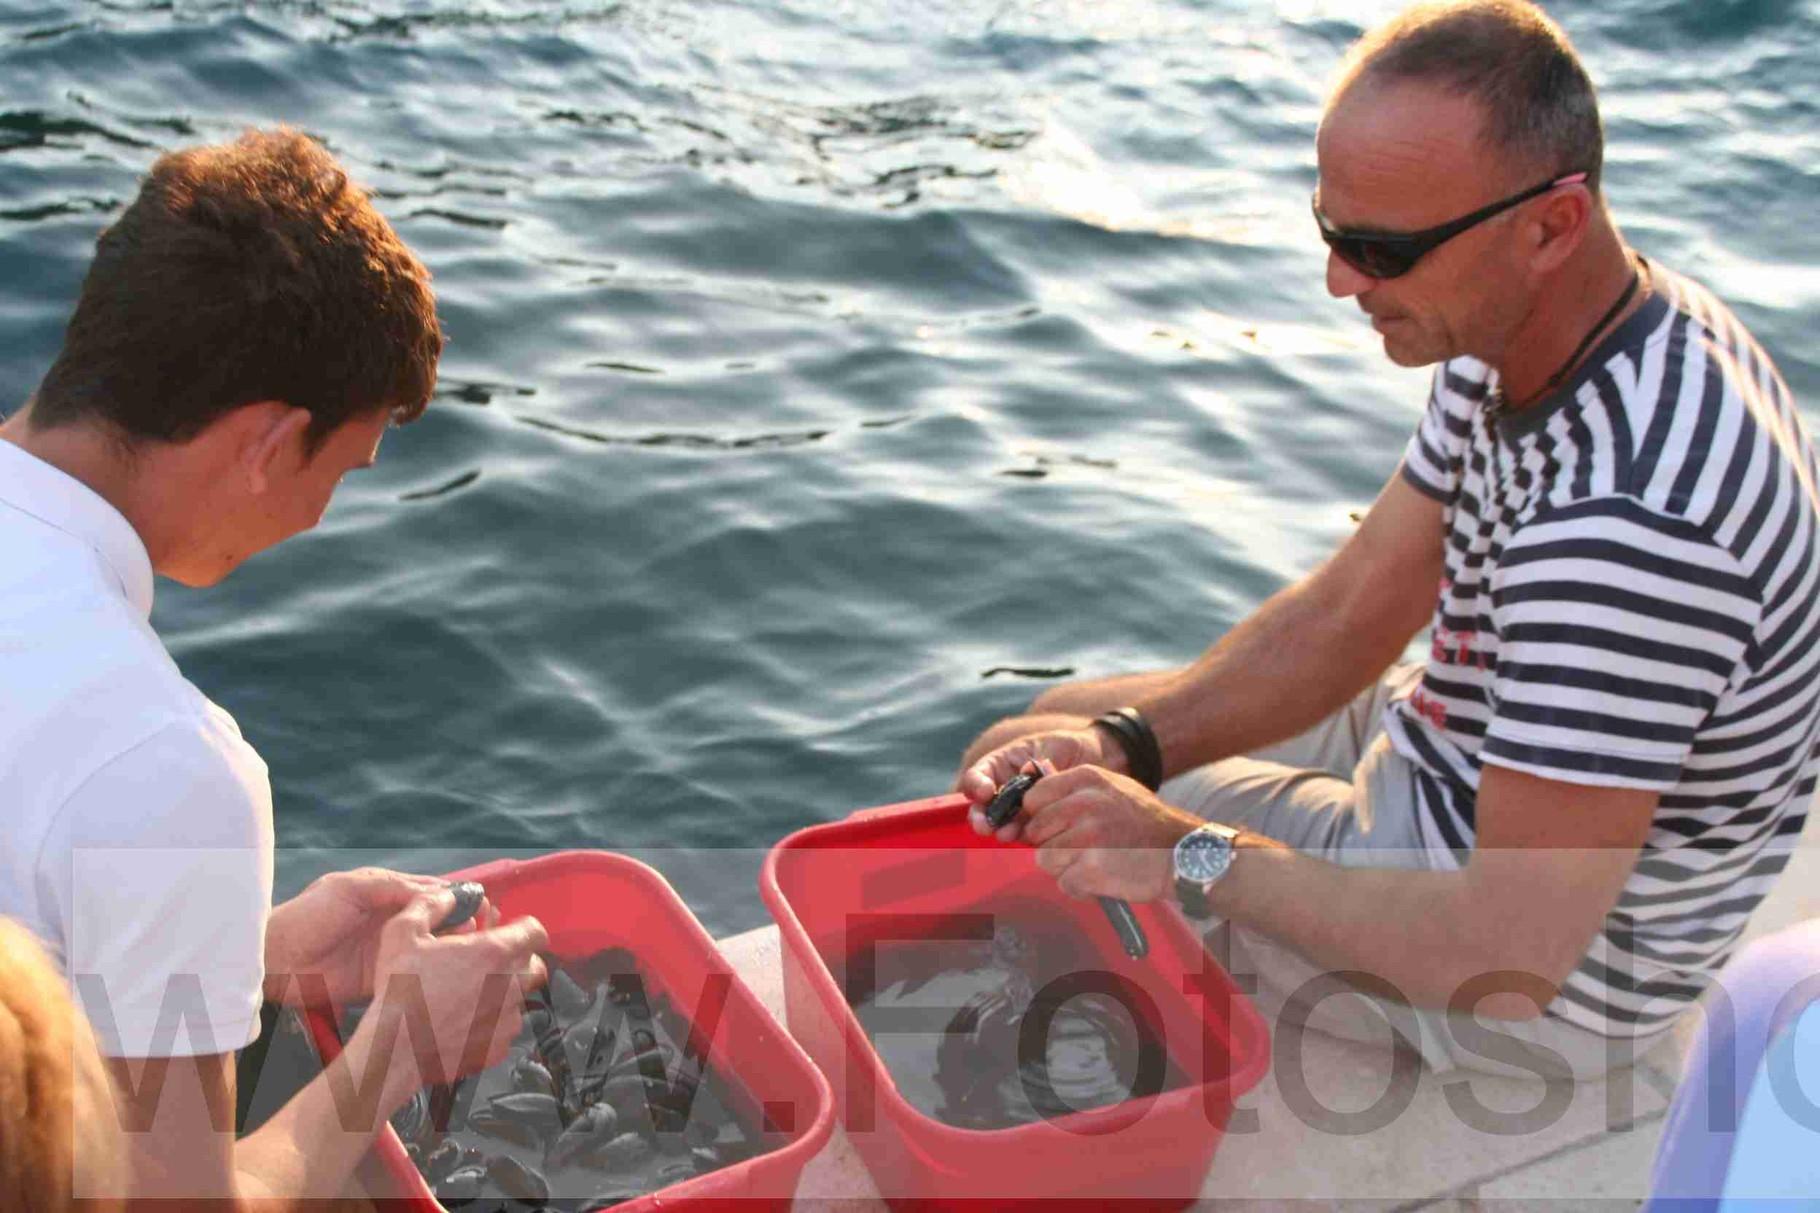 Kapitän und Schiffsjunge putzen Muscheln